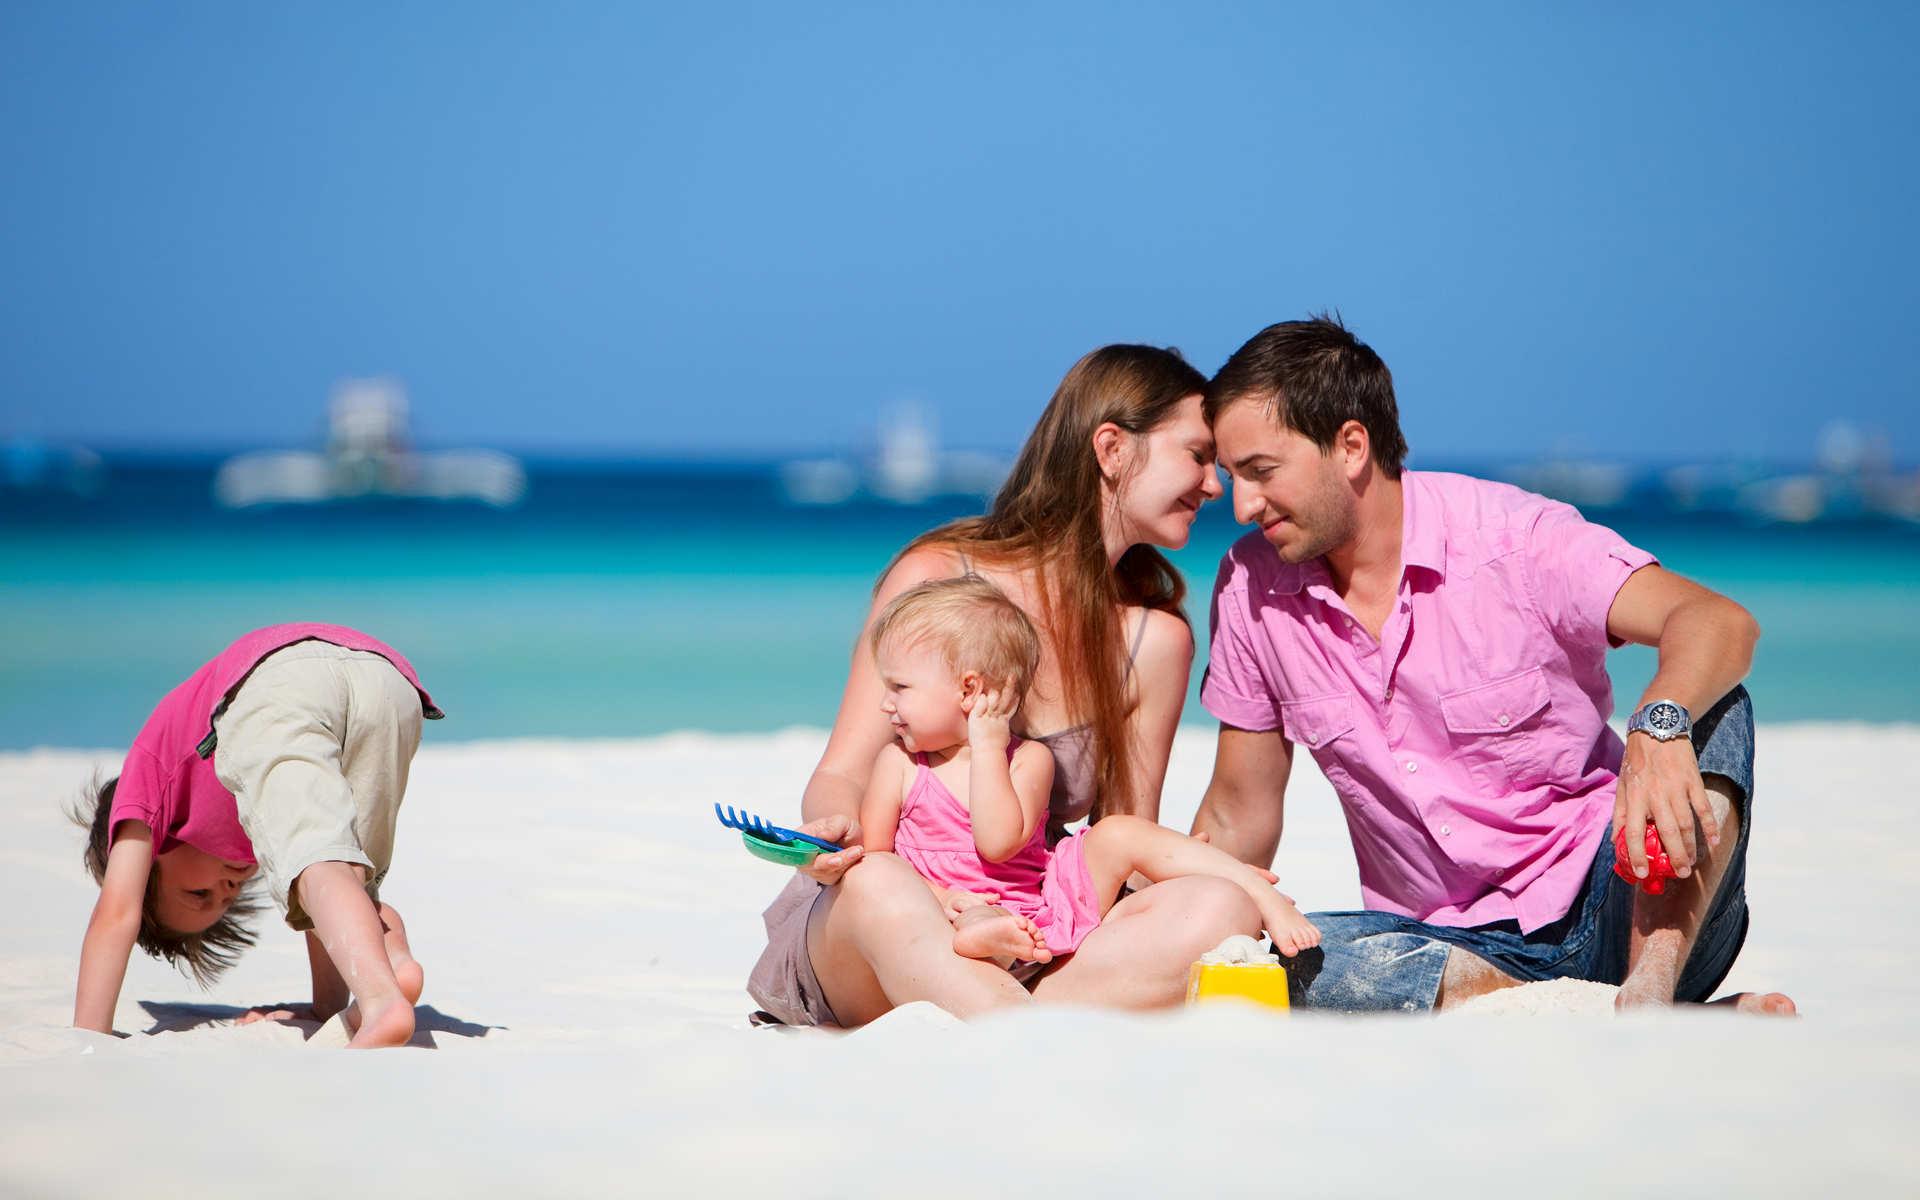 III. Hậu quả của việc vợ ngoại tình khi chồng đi công tác xa nhà